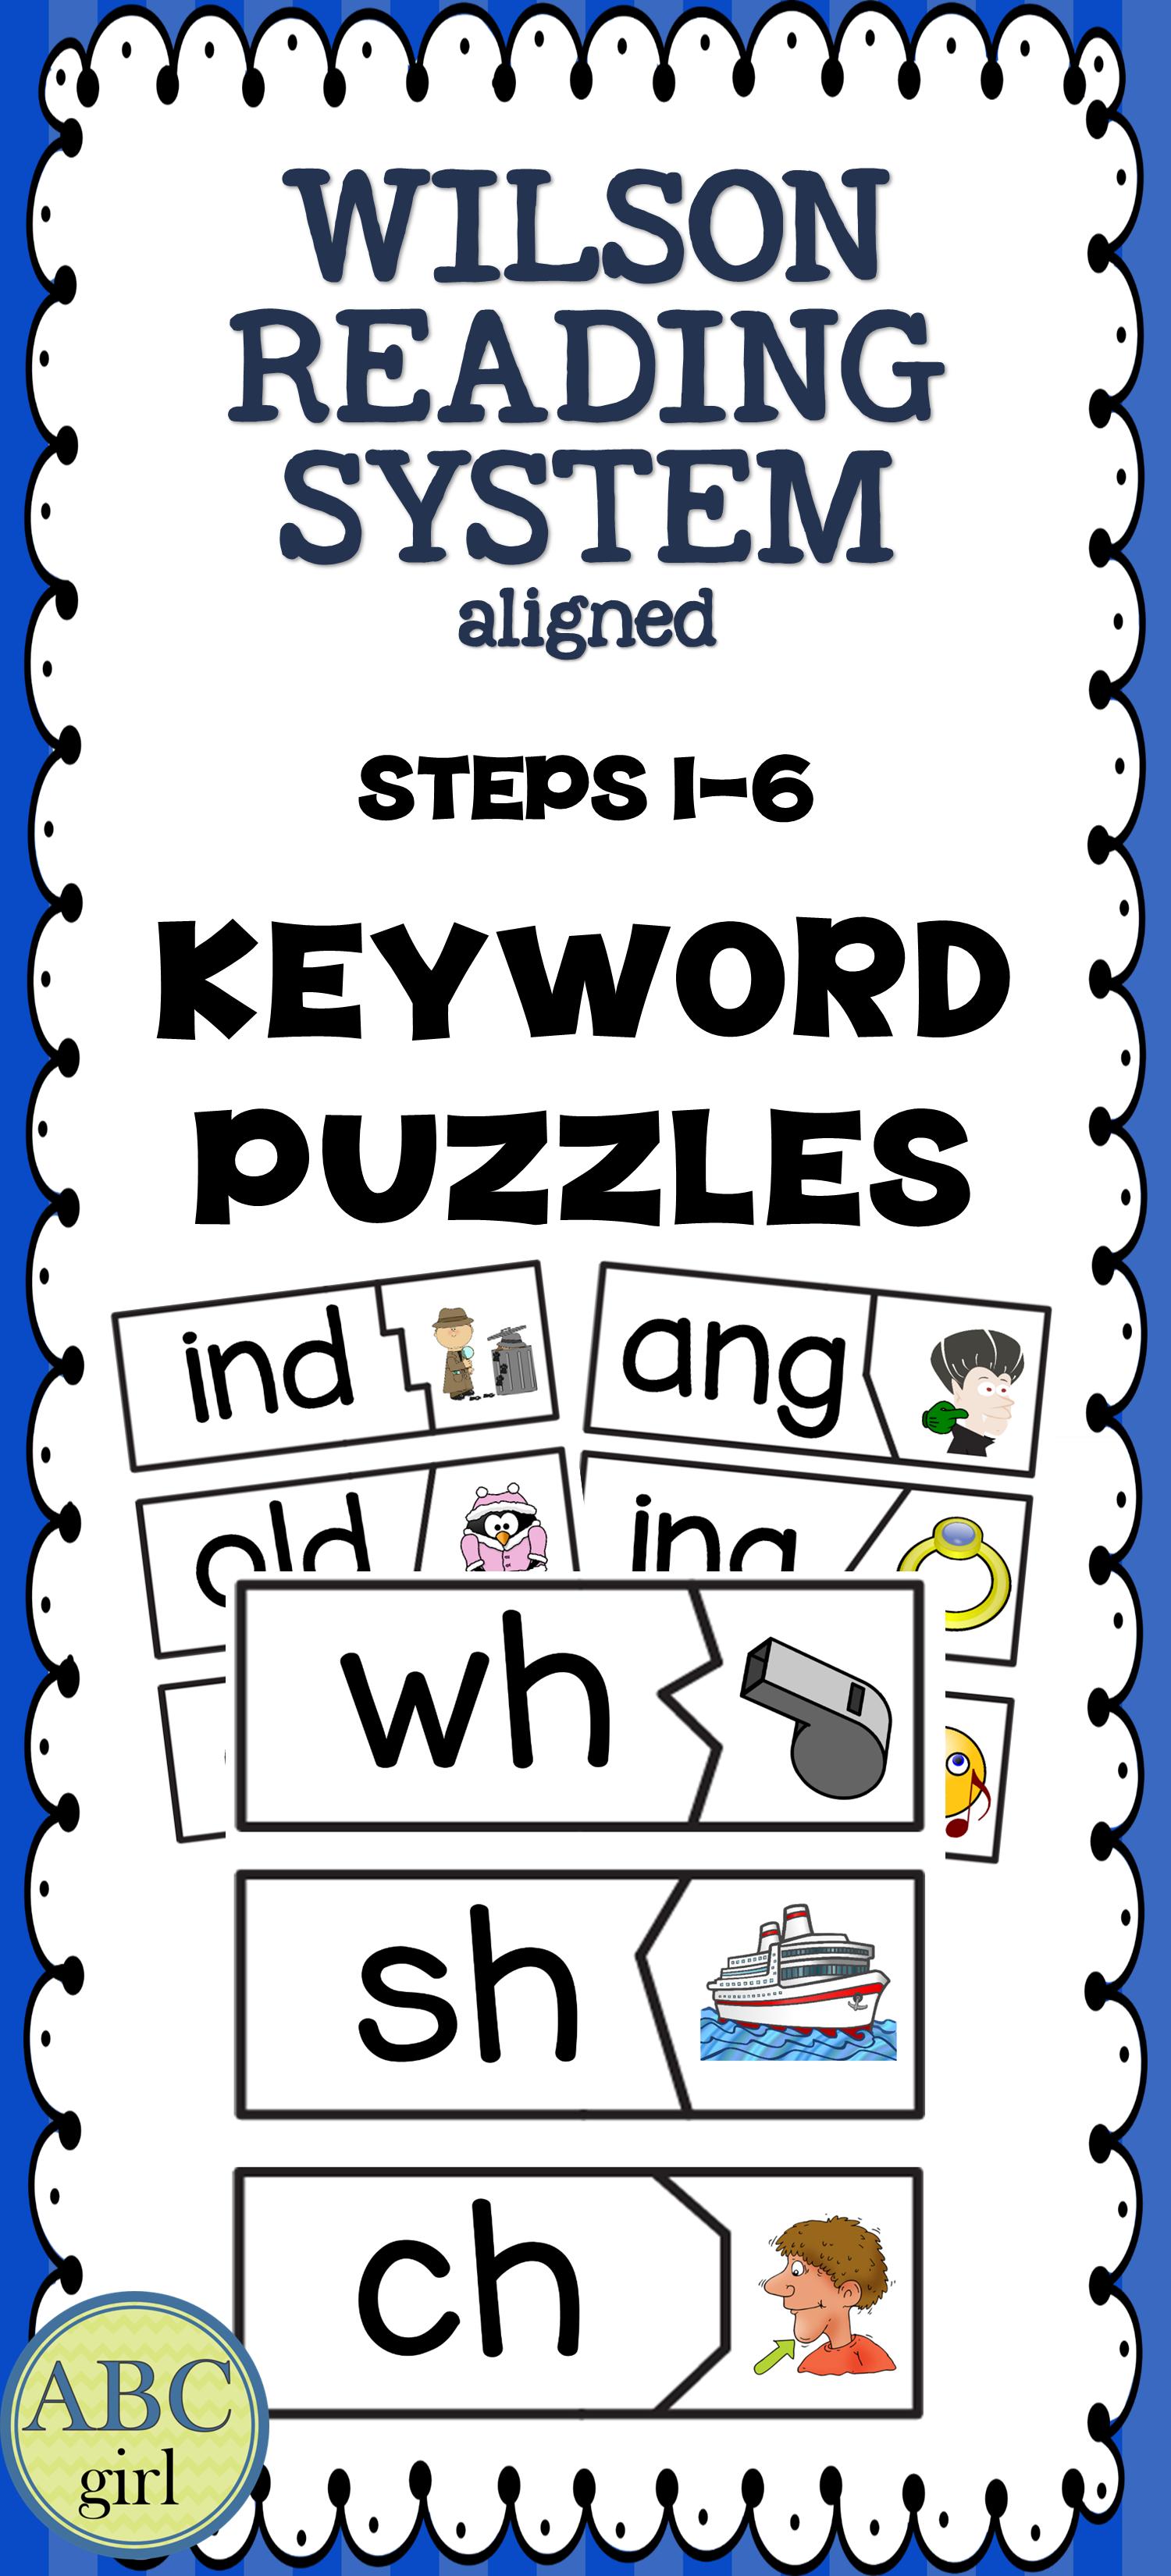 medium resolution of Wilson Reading System® Aligned Keyword Puzzles Steps 1-6.  #wilsonreadingsystem #fundations #wilsonr…   Wilson reading system